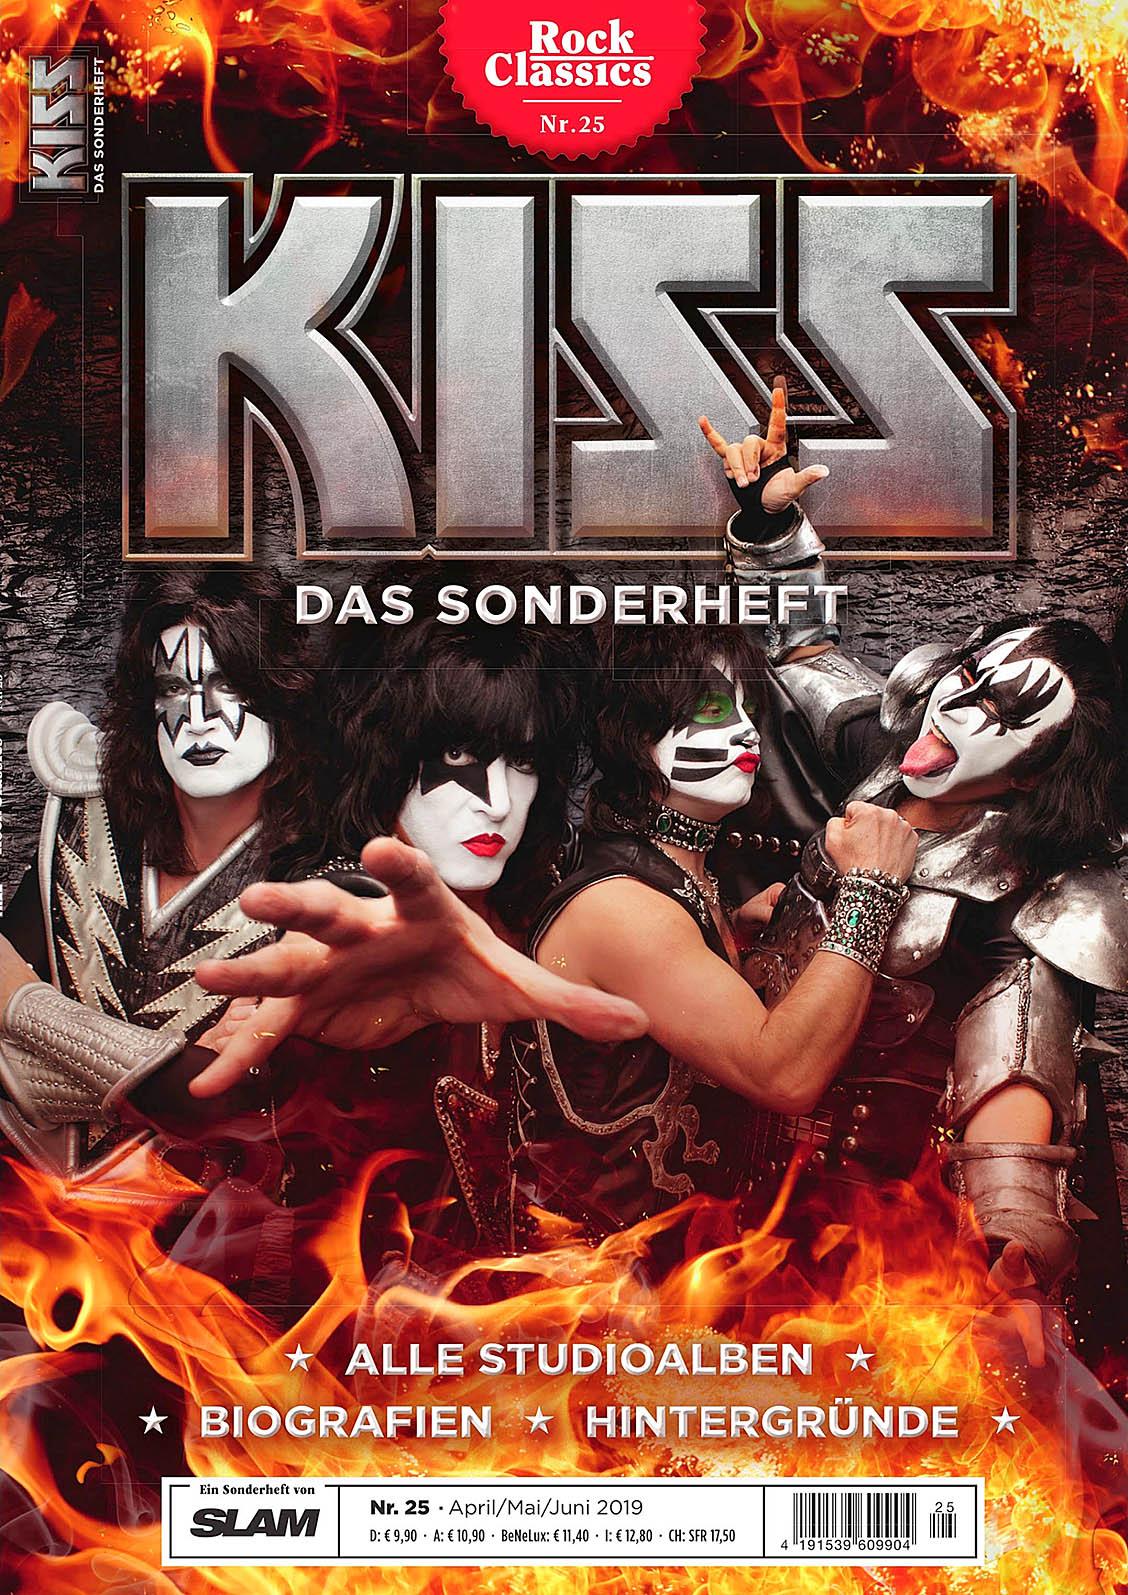 Rock Classics 25 2019-04-06 Kiss.jpg